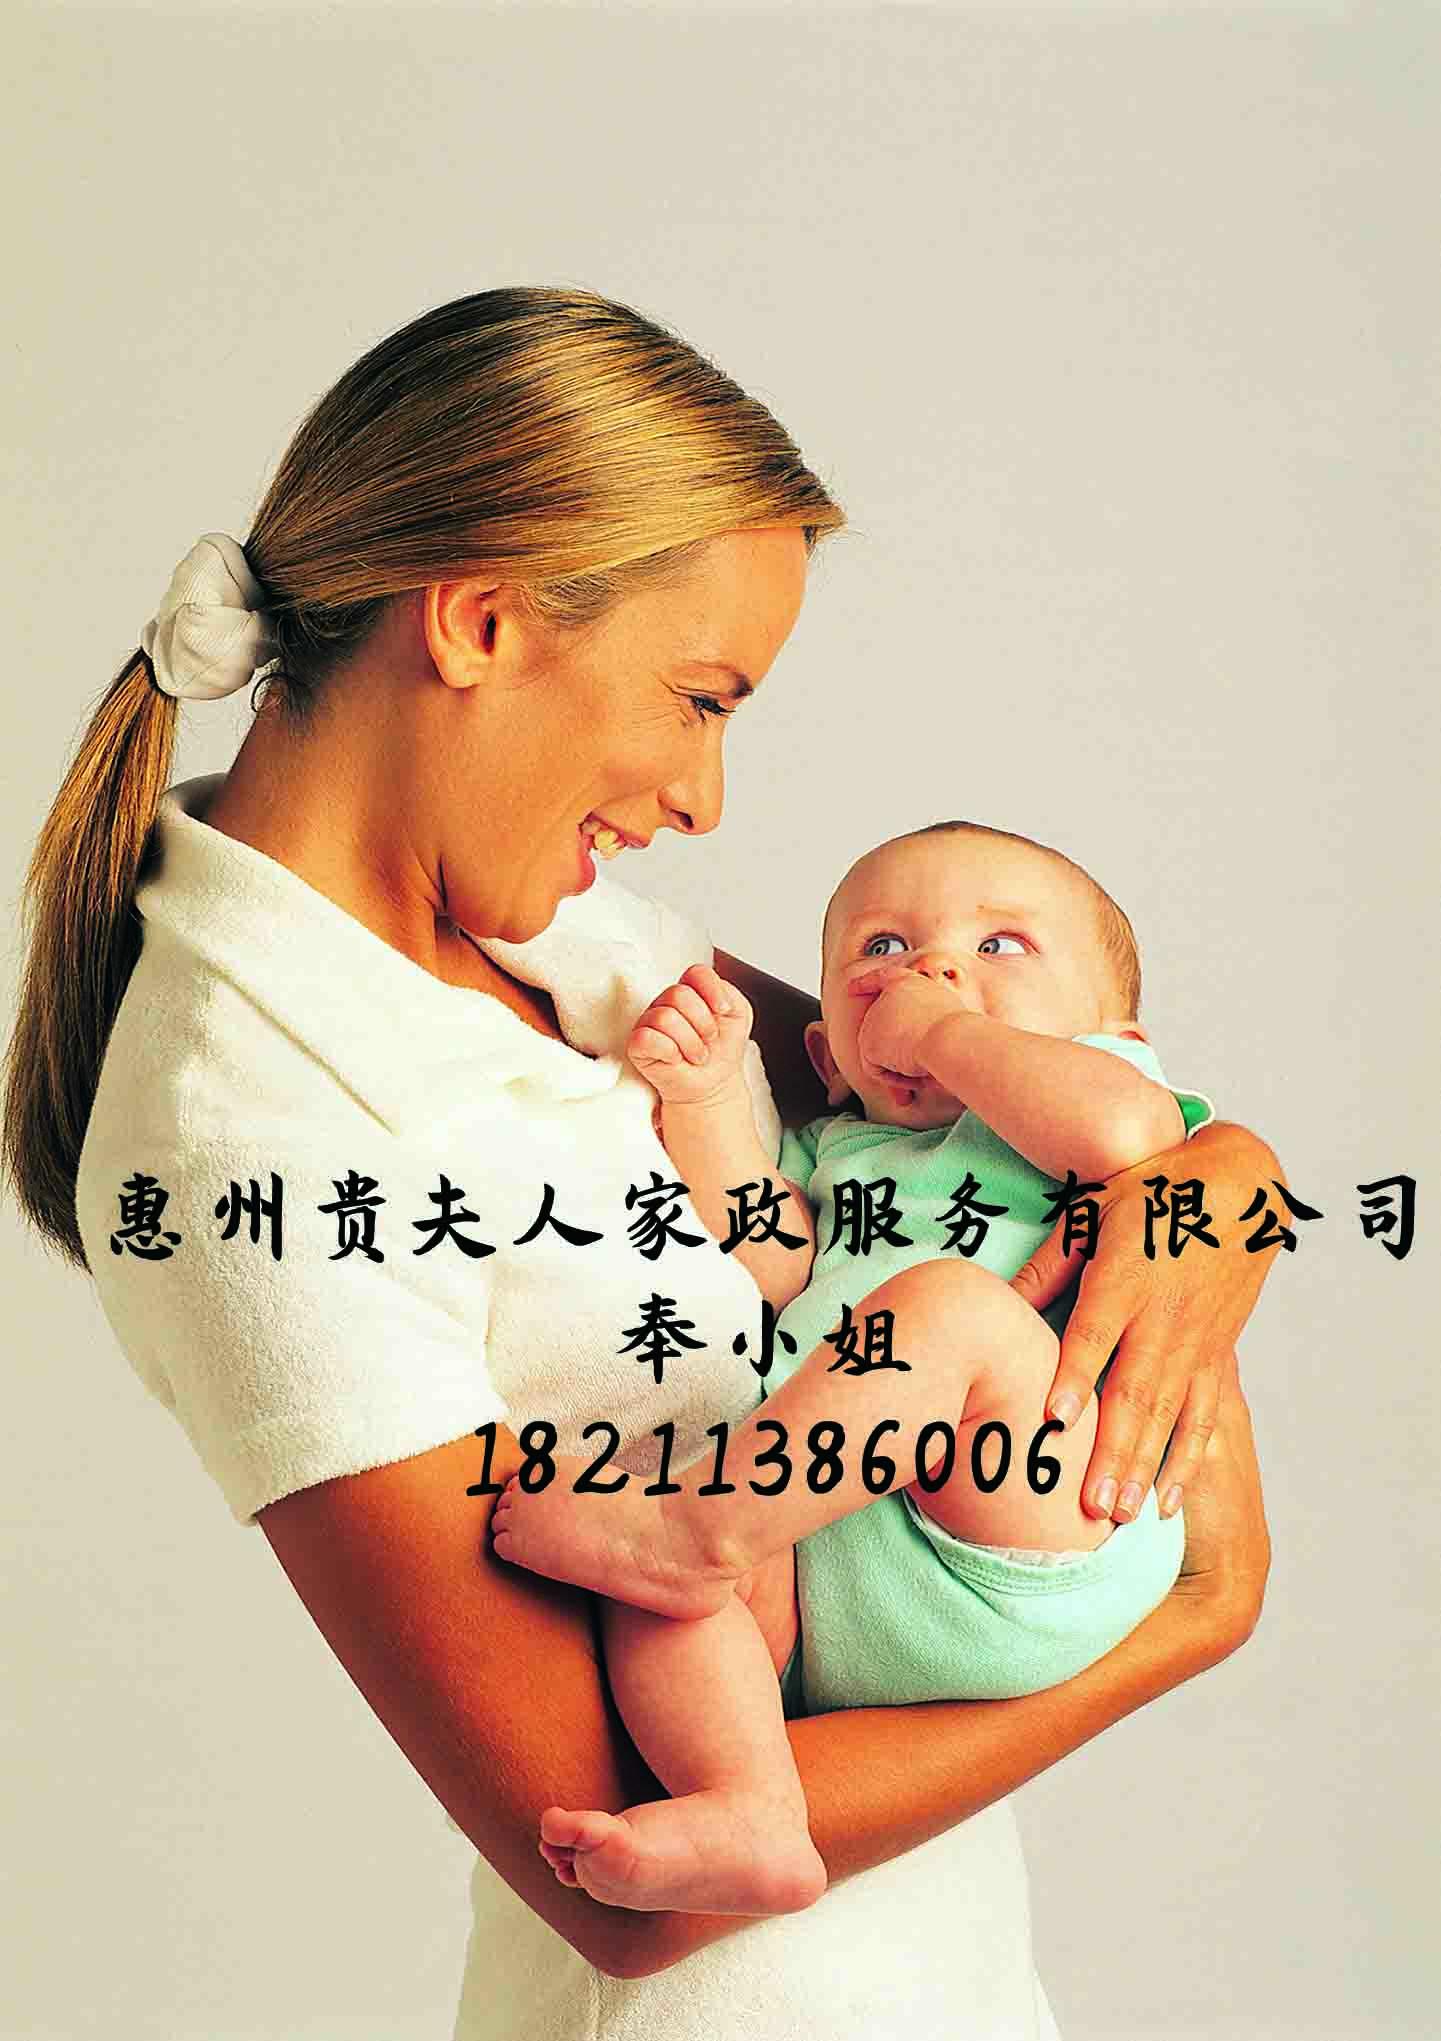 惠州催乳师,惠州高级催乳师,惠州同城的催乳师